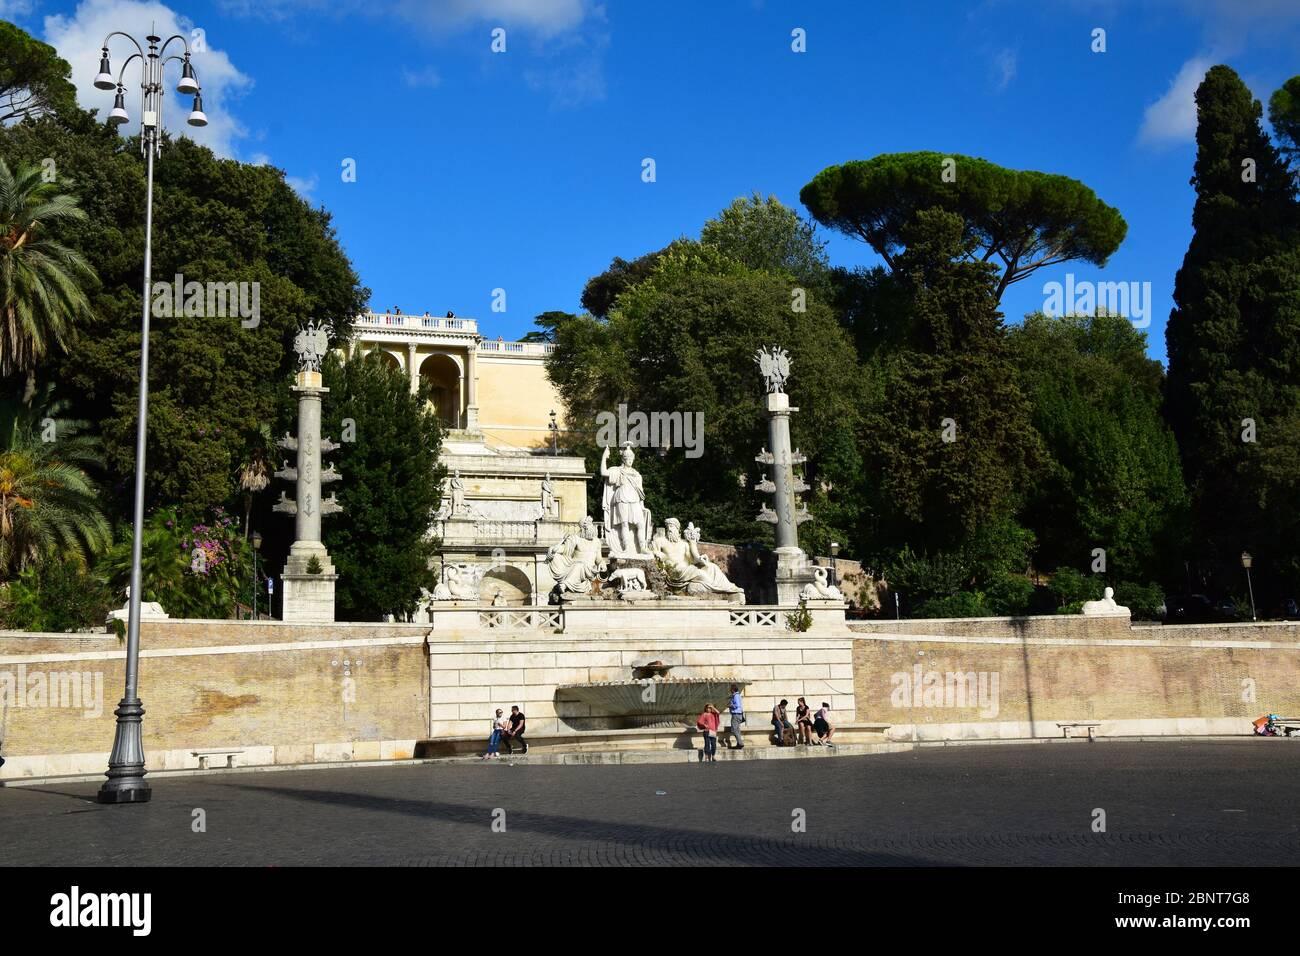 Piazza del Popolo with the Fontana della Dea di Roma, looking up at the Baclonata del Pincio in the city of Rome, Italy Stock Photo